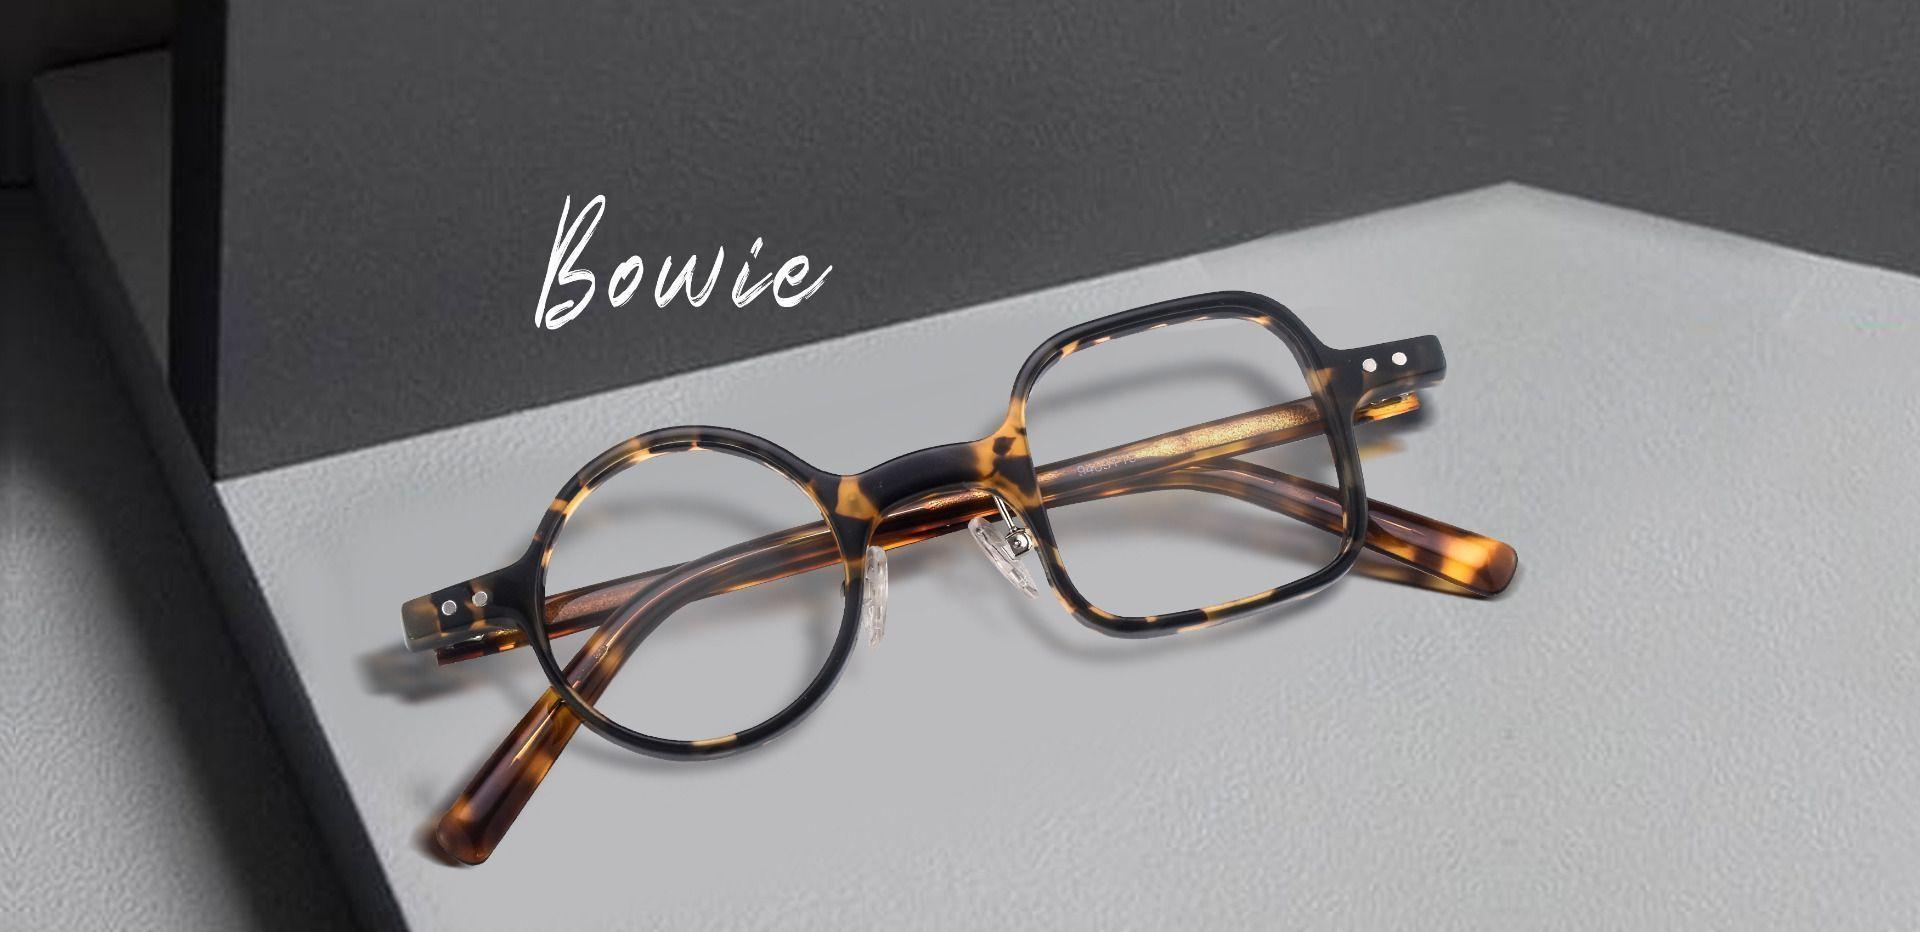 Bowie Geometric Prescription Glasses - Tortoise